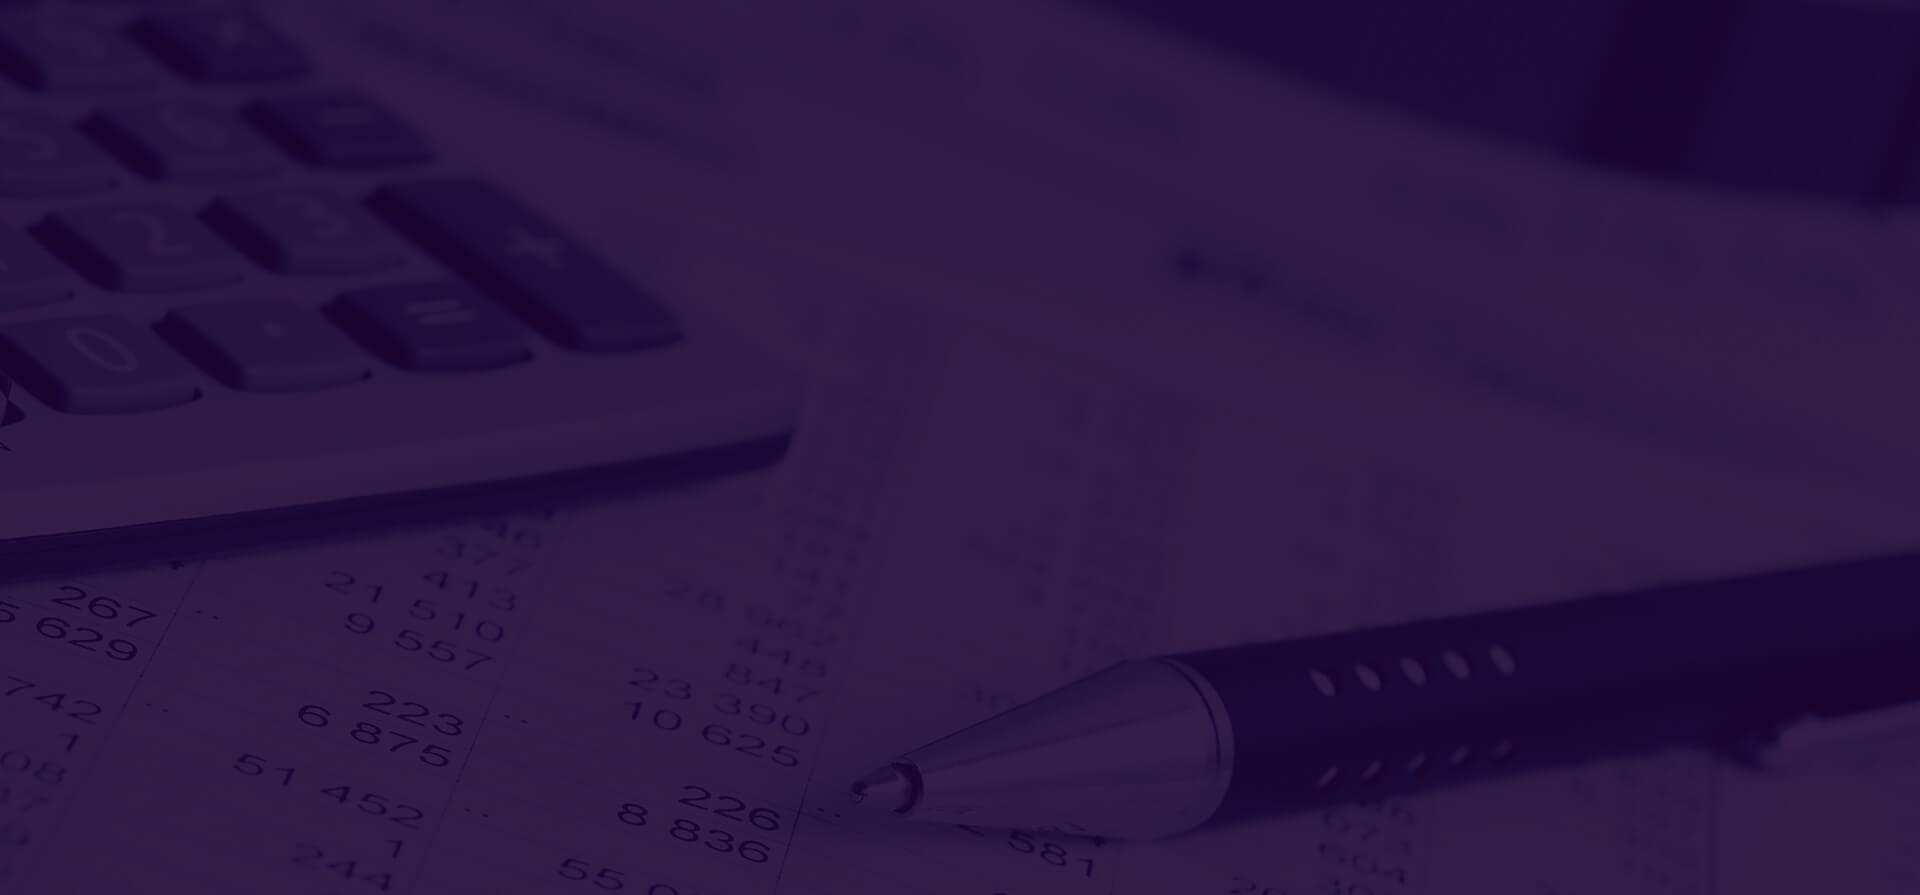 paskolų ir finansavimo straipsniai - informacija - blogas